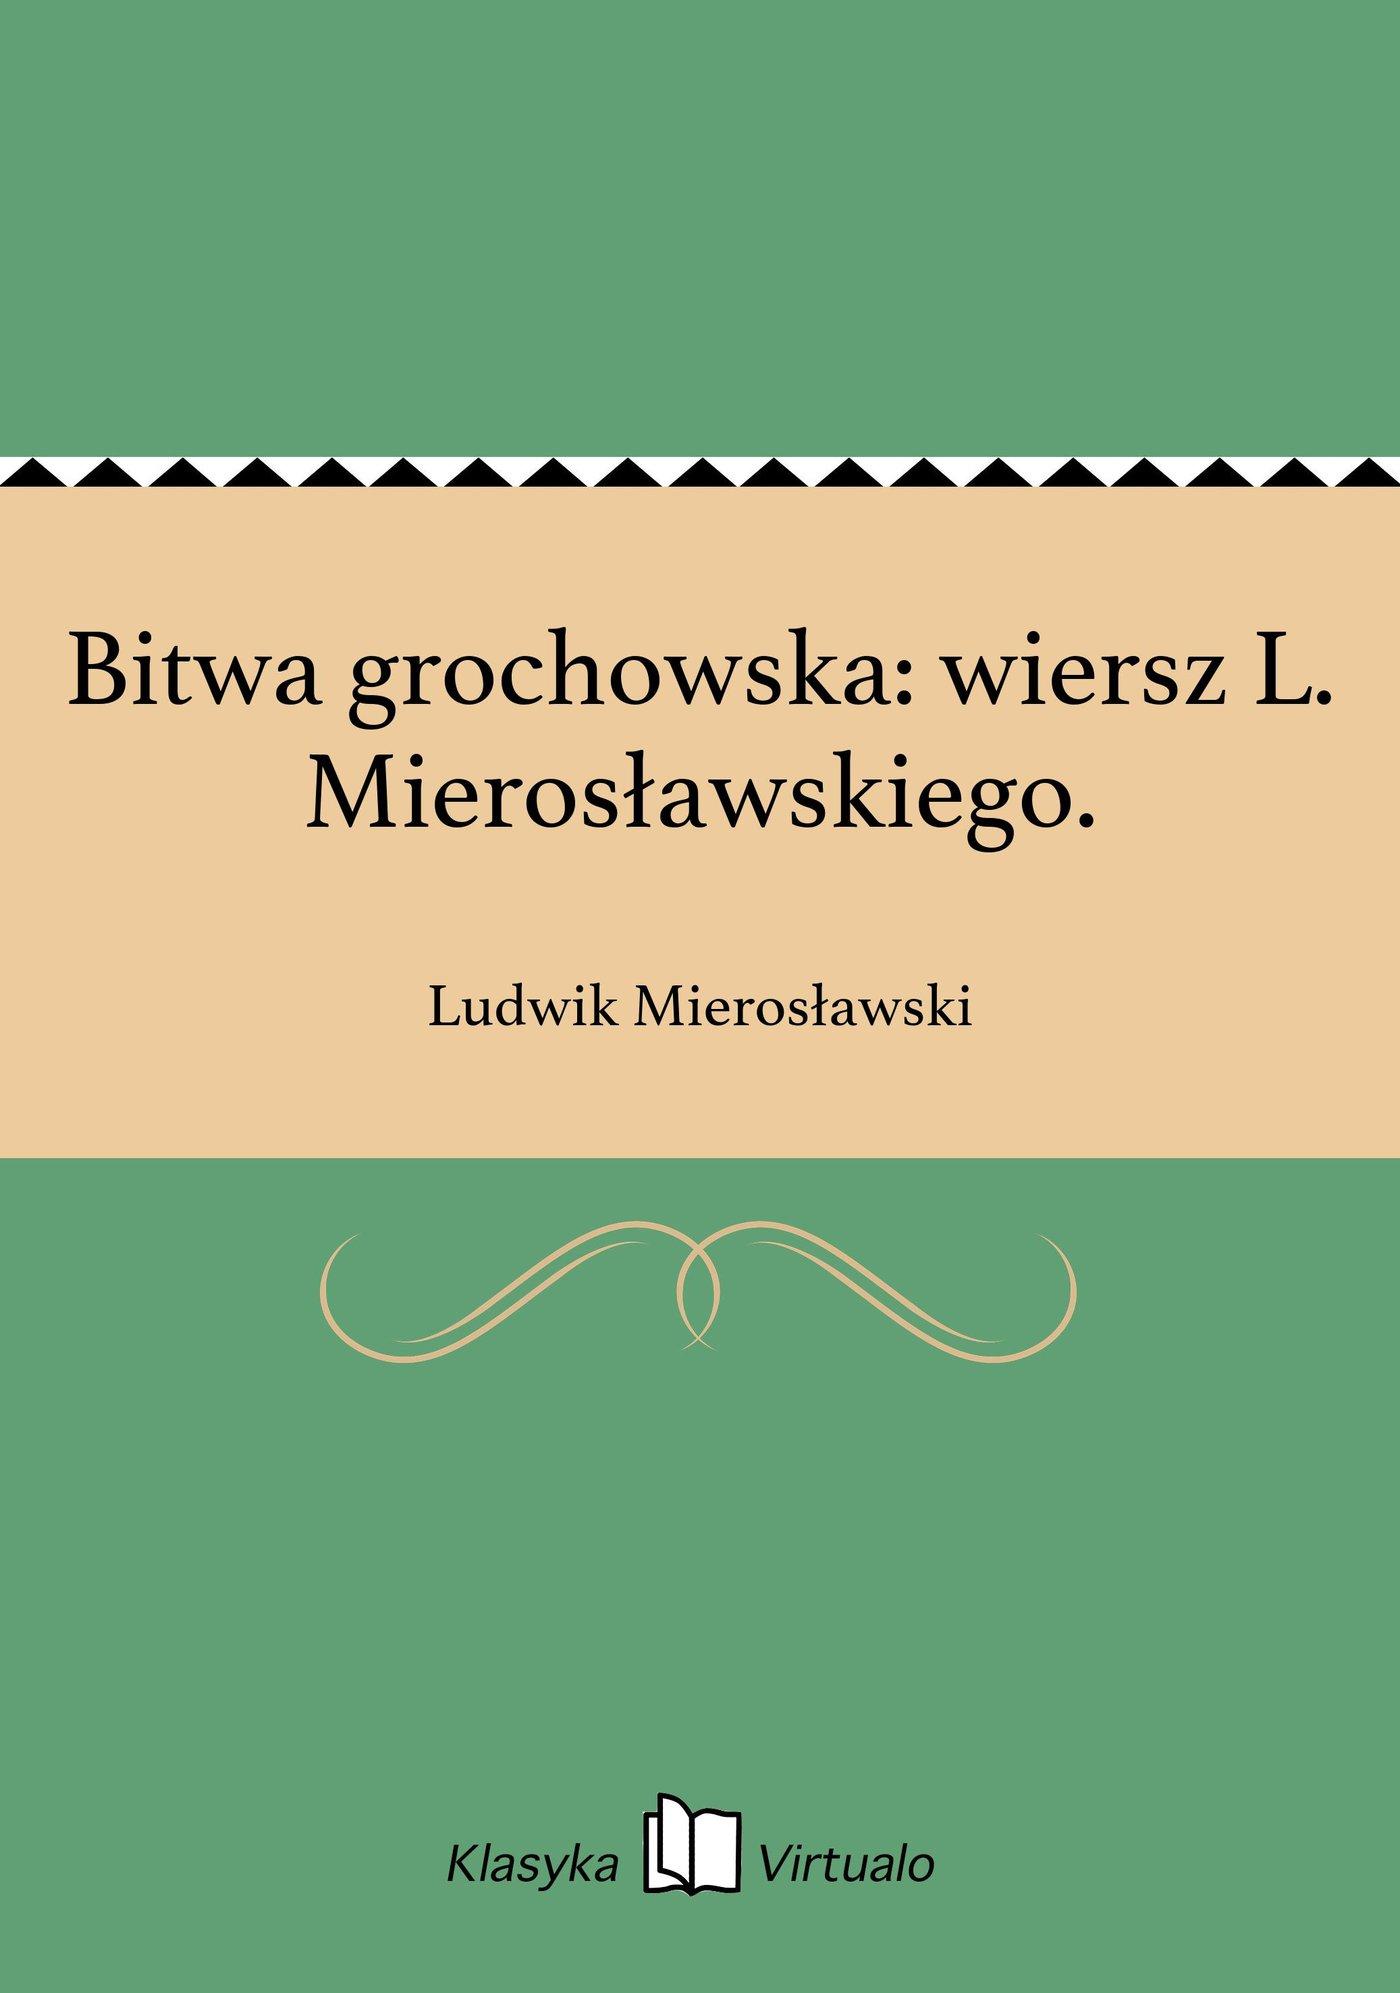 Bitwa grochowska: wiersz L. Mierosławskiego. - Ebook (Książka EPUB) do pobrania w formacie EPUB